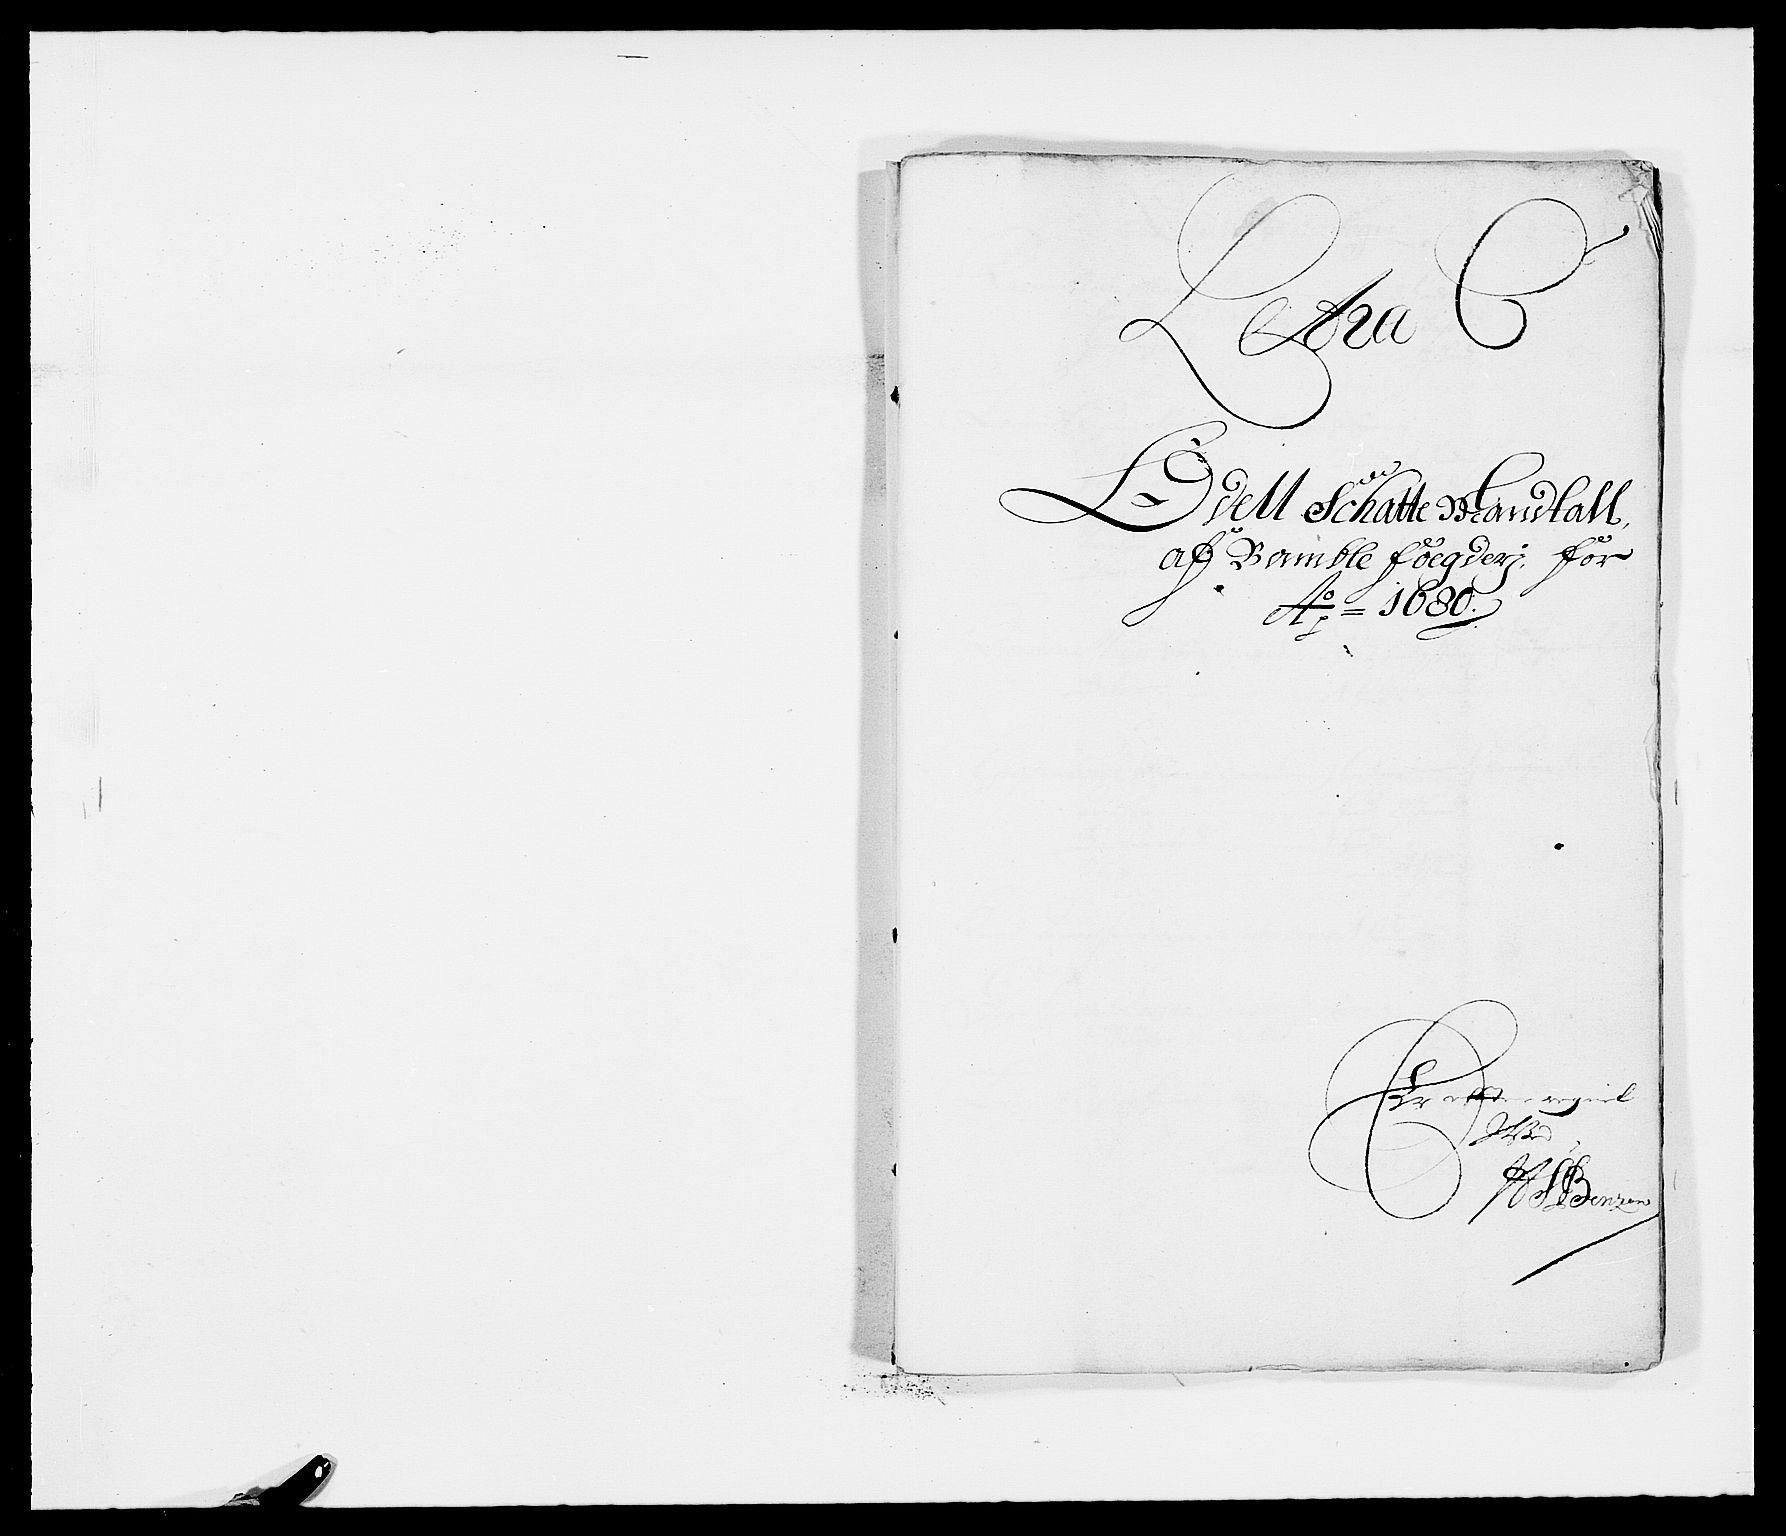 RA, Rentekammeret inntil 1814, Reviderte regnskaper, Fogderegnskap, R34/L2045: Fogderegnskap Bamble, 1680-1681, s. 76